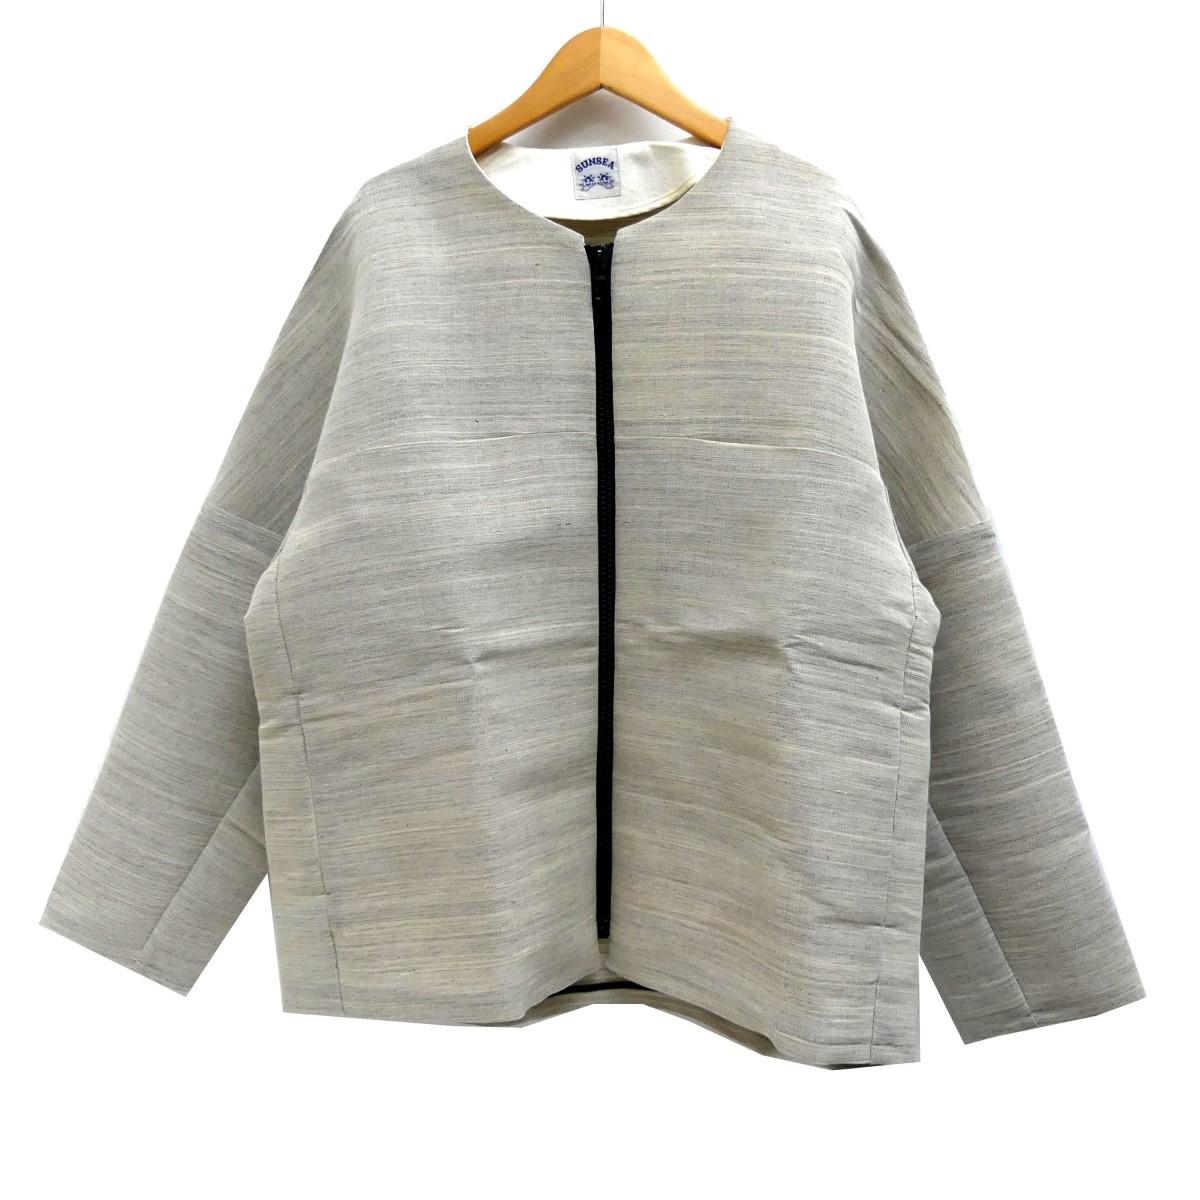 【中古】SUNSEA 14SS Horsehair Blouson ジップアップジャケット ベージュ サイズ:3 【270420】(サンシー)